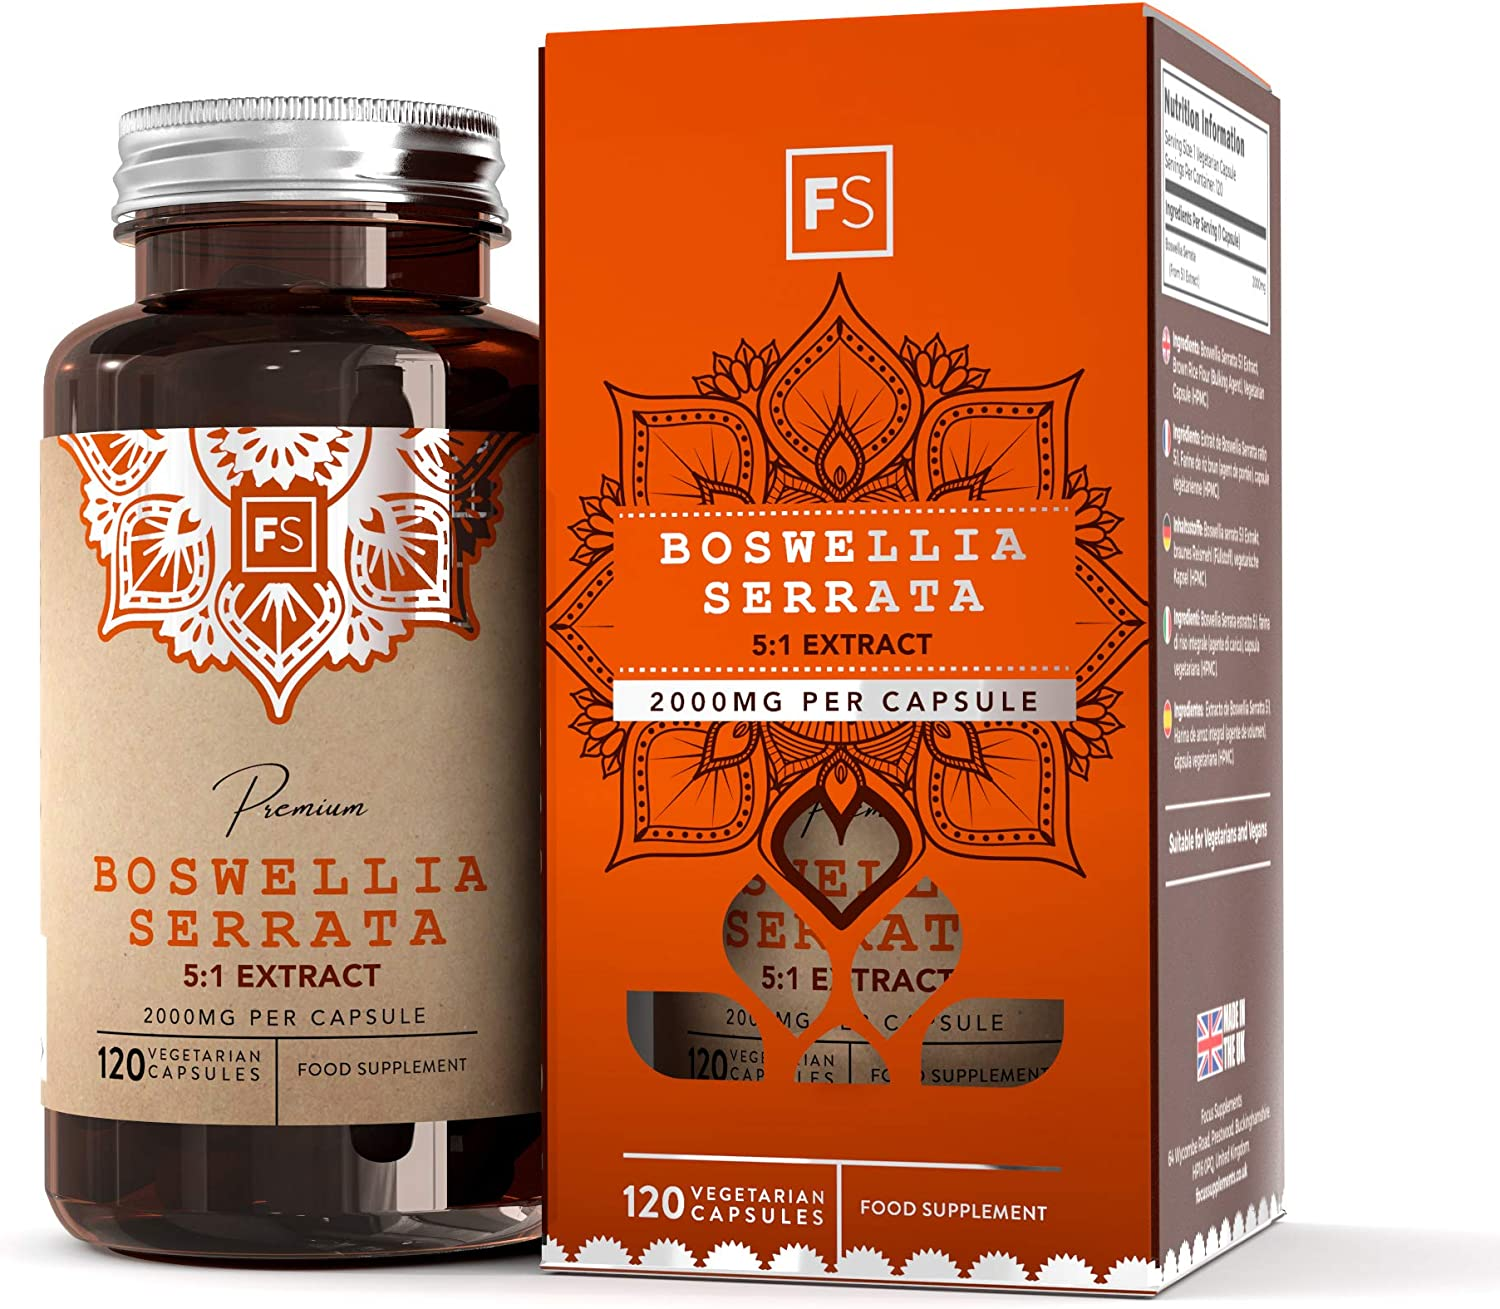 FS Boswellia Serrata 2000mg | Incienso DE ALTA RESISTENCIA - Sin Aditivos Sintéticos | Potente Anti Inflamatorio Para Salud de las Articulaciones | Sin OGM, Gluten o Lácteos | 120 Capsulas Veganas